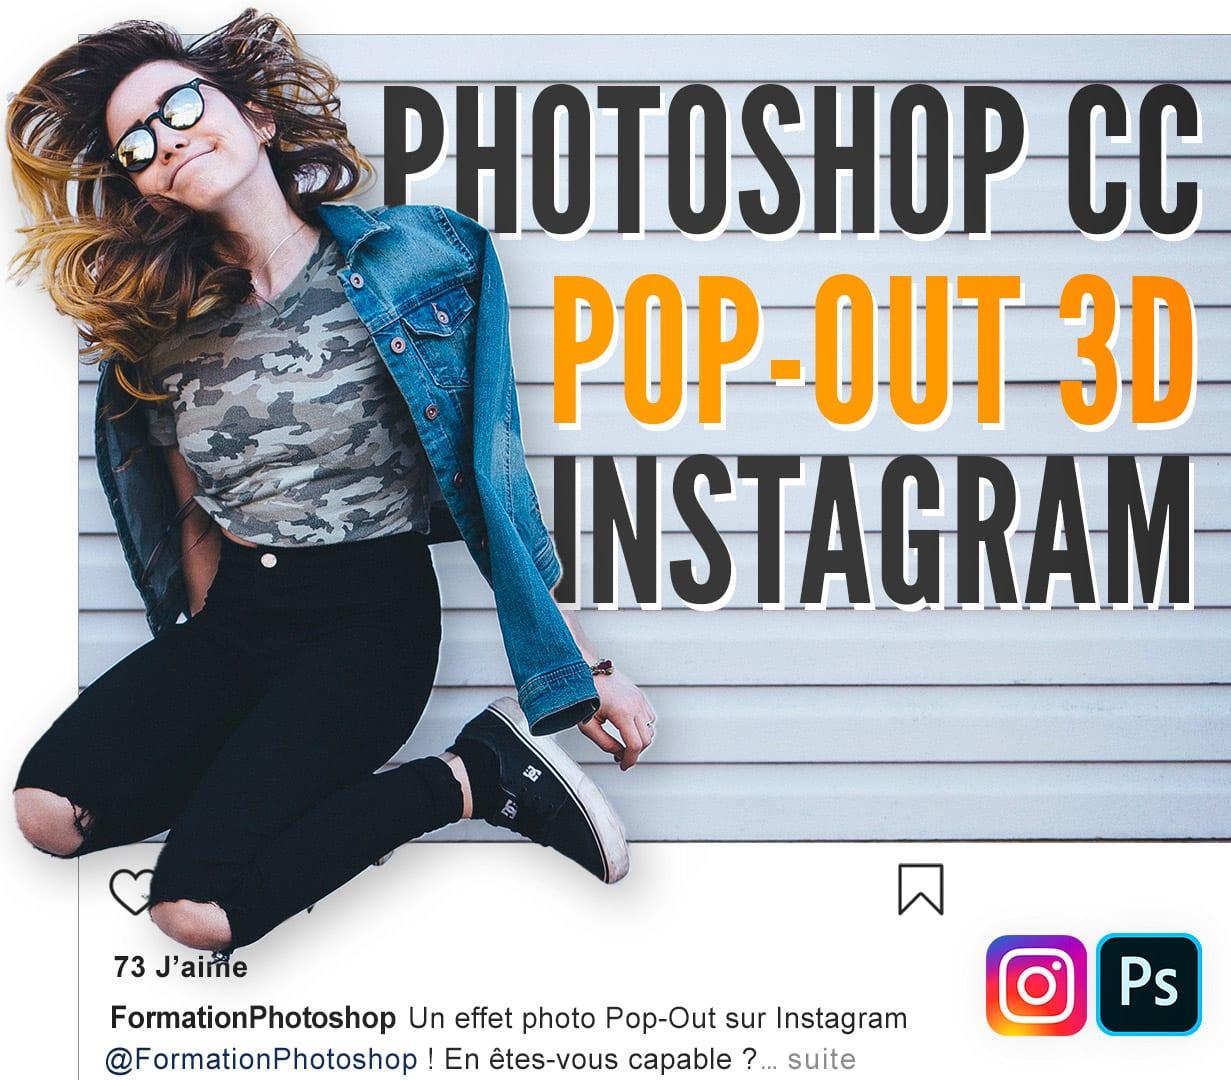 Effet Pop Out 3D Instagram avec Photoshop CC